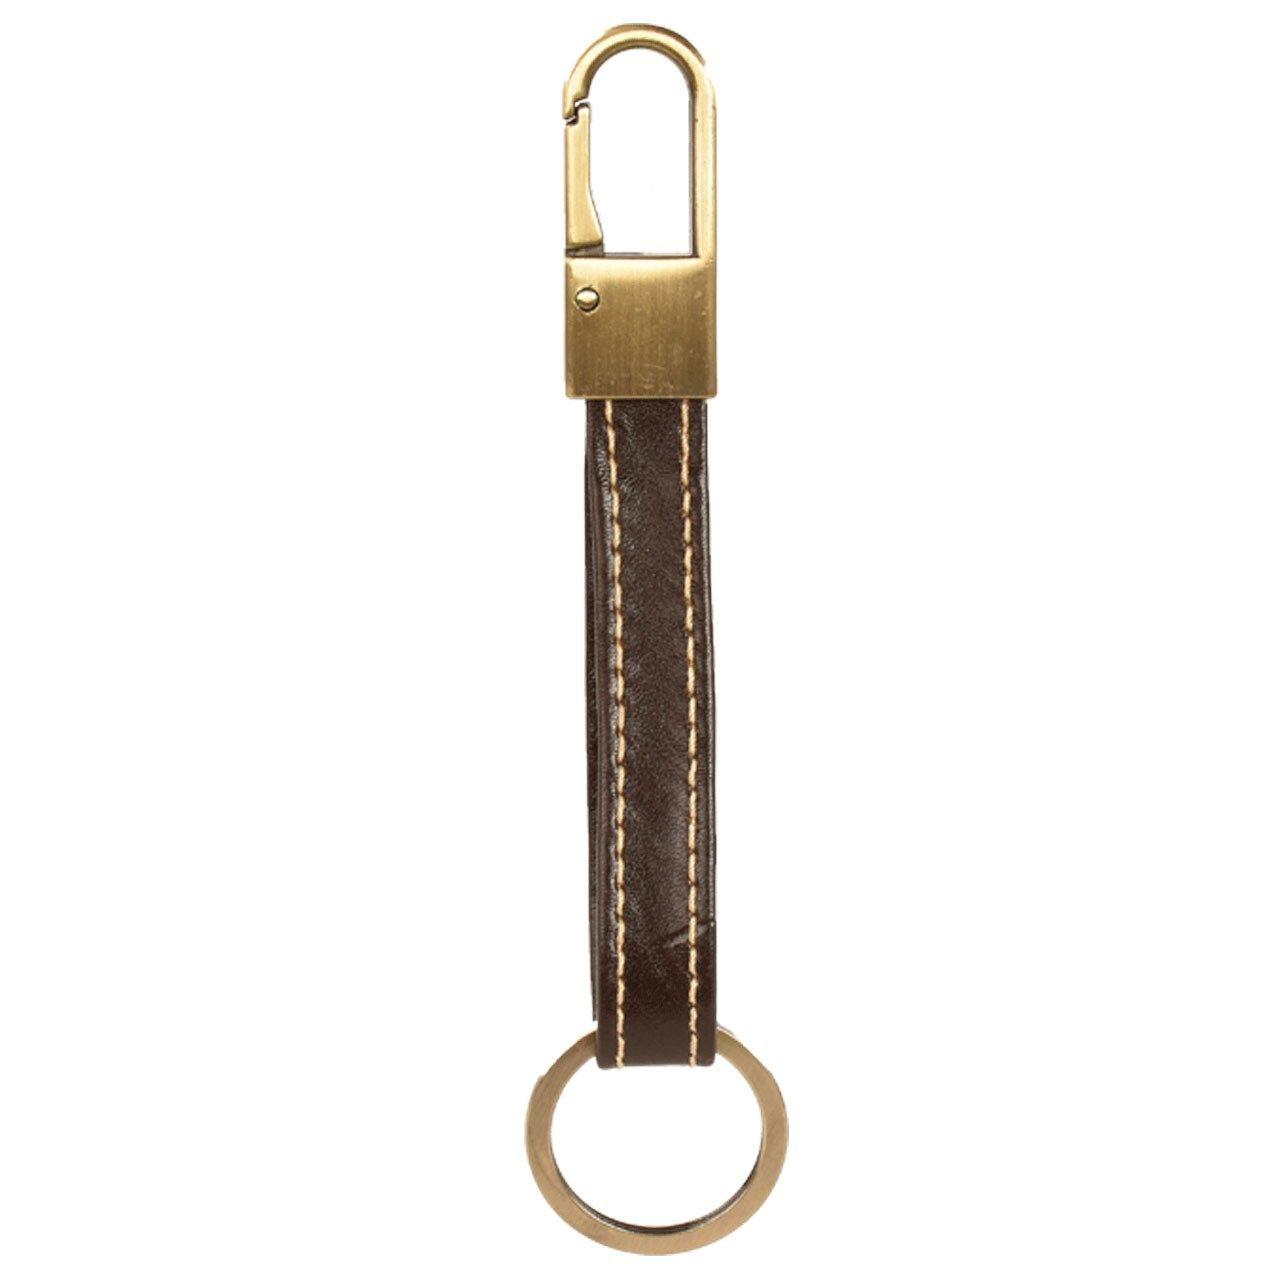 جا کلیدی چرمی کهن چرم مدل Kh31- 15 -  - 1